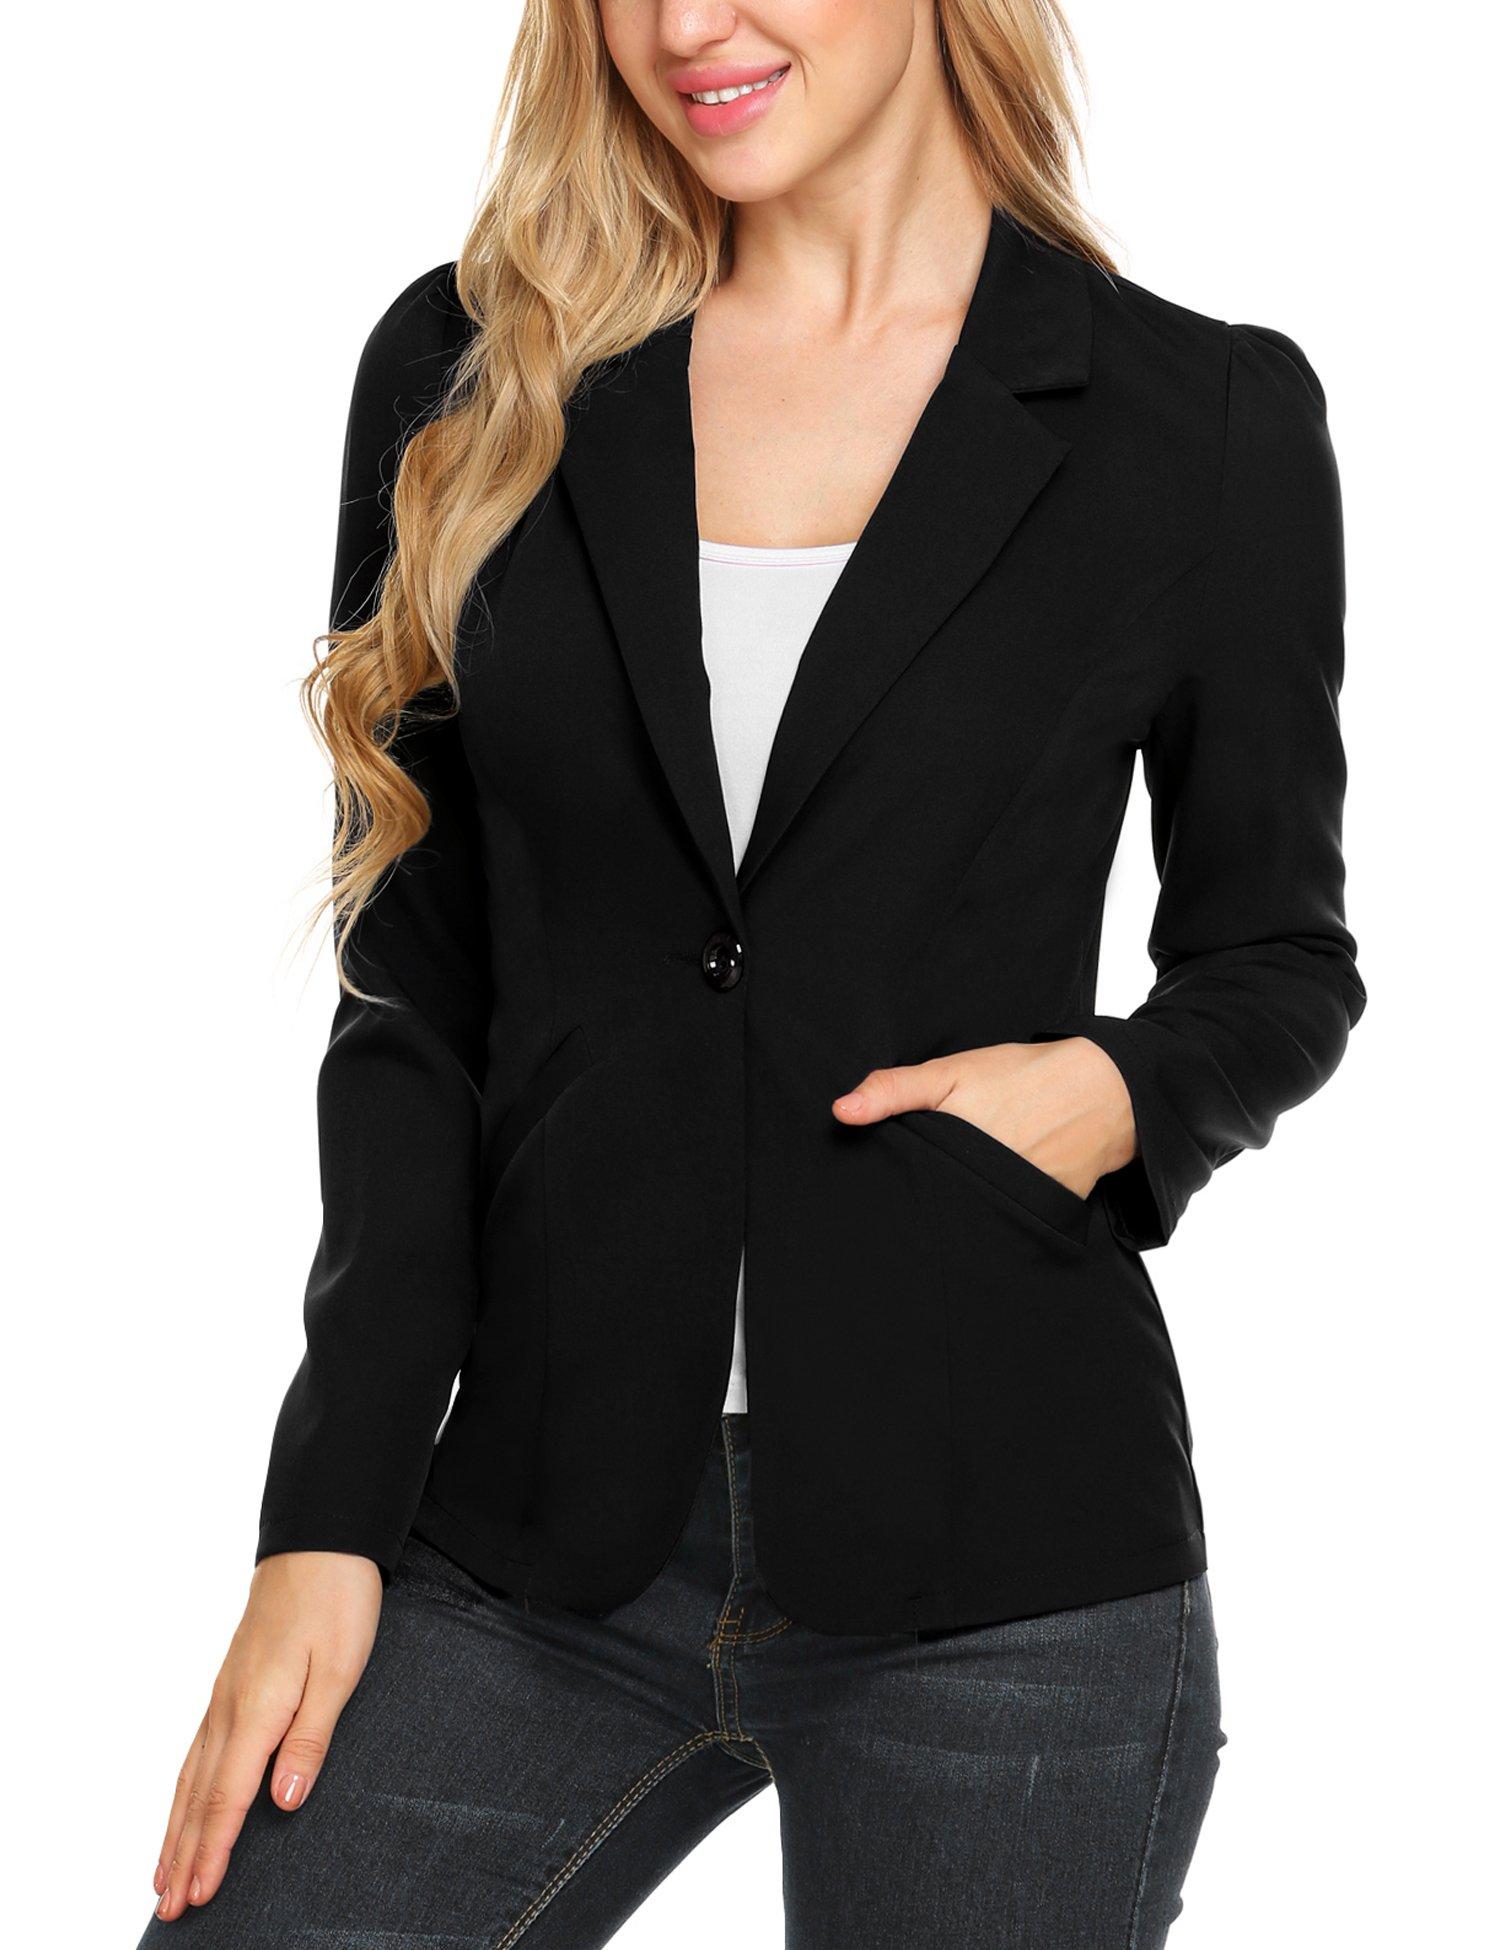 Ouyilu Women's Blazers Open Front Button Cardigan Jacket Work Office Blazer (Black, L)